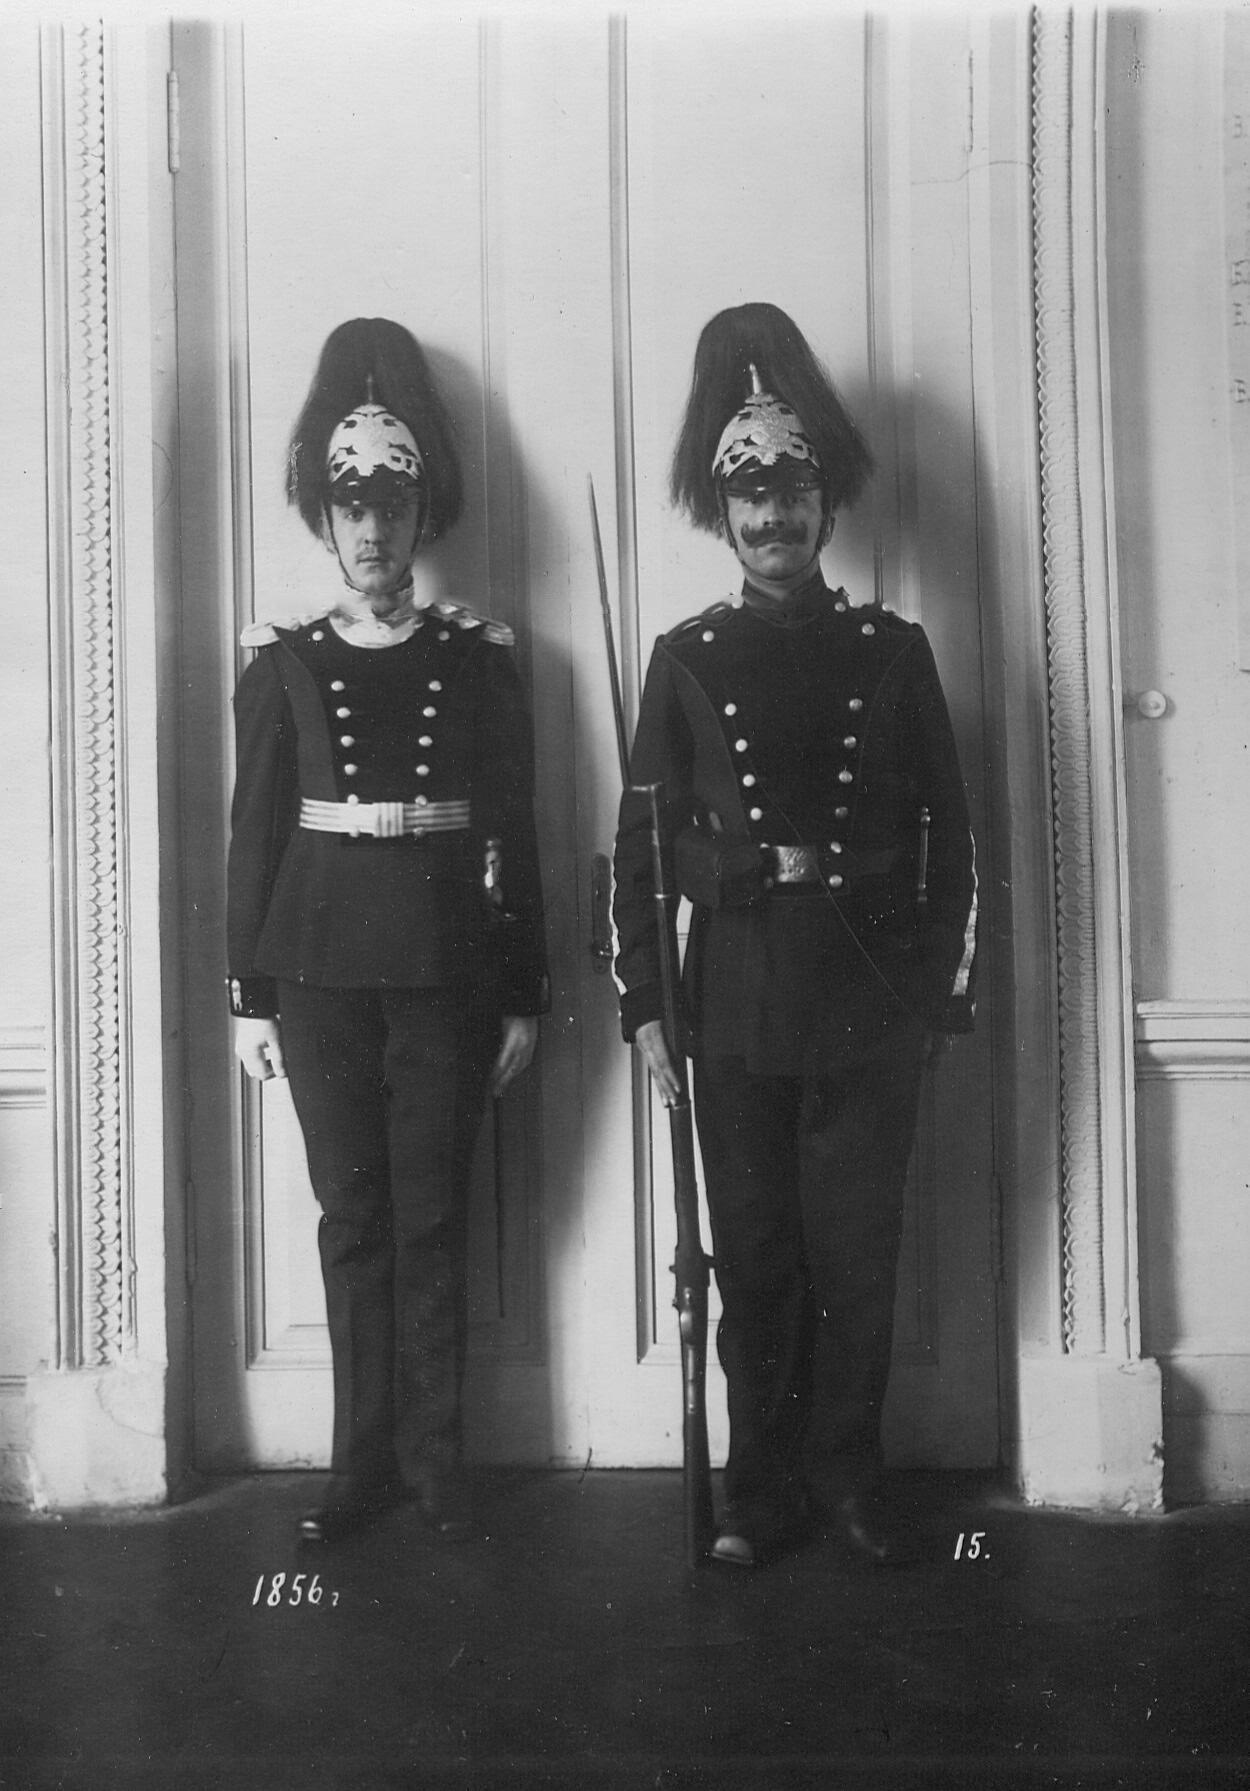 Форма офицера и солдата батальона образца 1856 года.